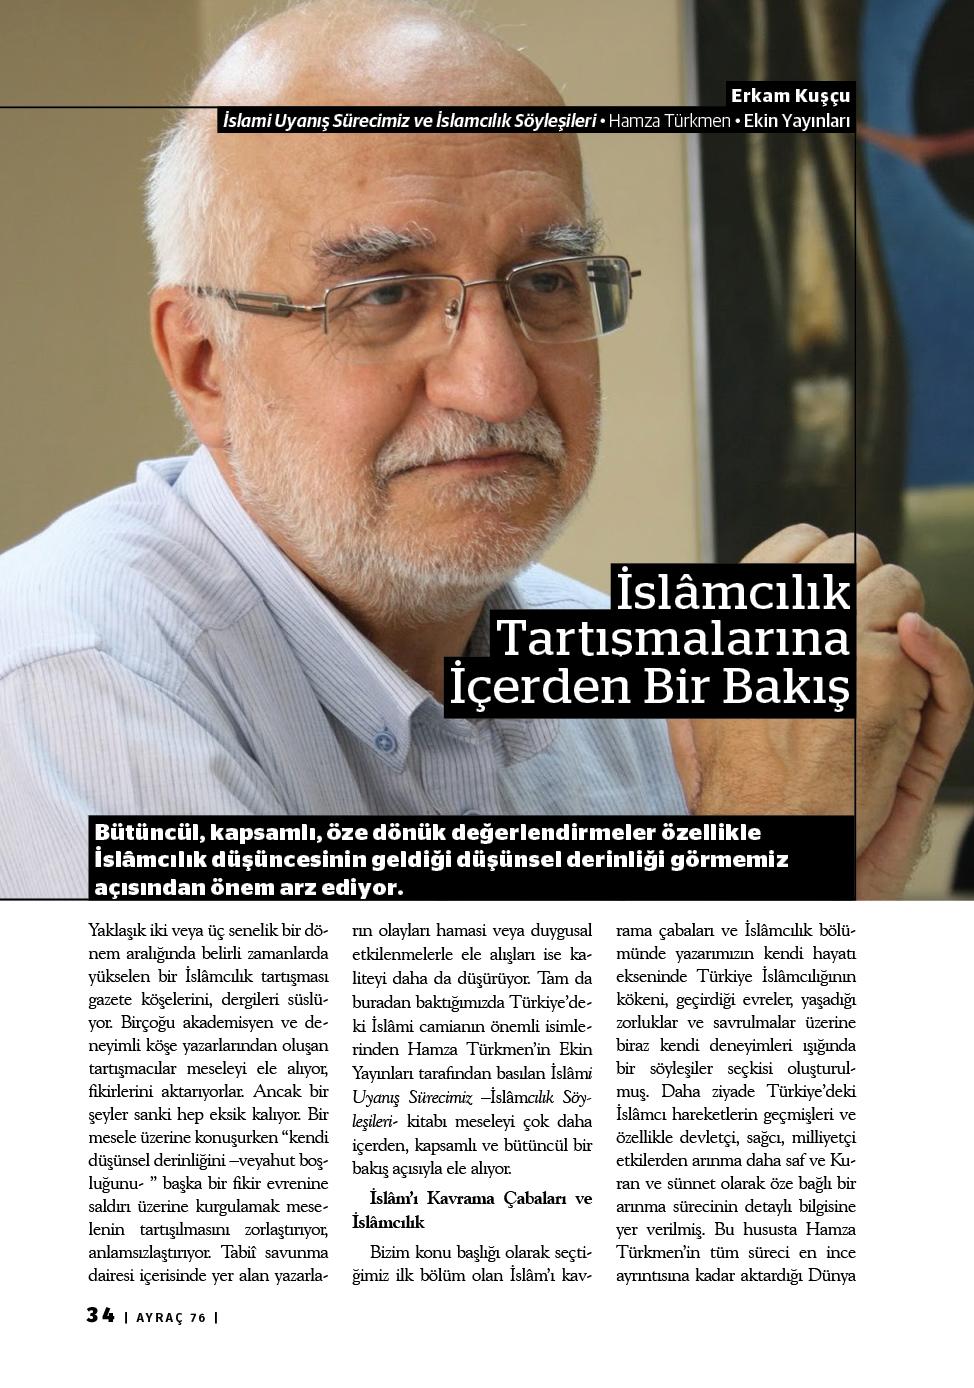 islami_uyanis_surecimiz_ve_islamcilik_soylesileri-(1).jpg